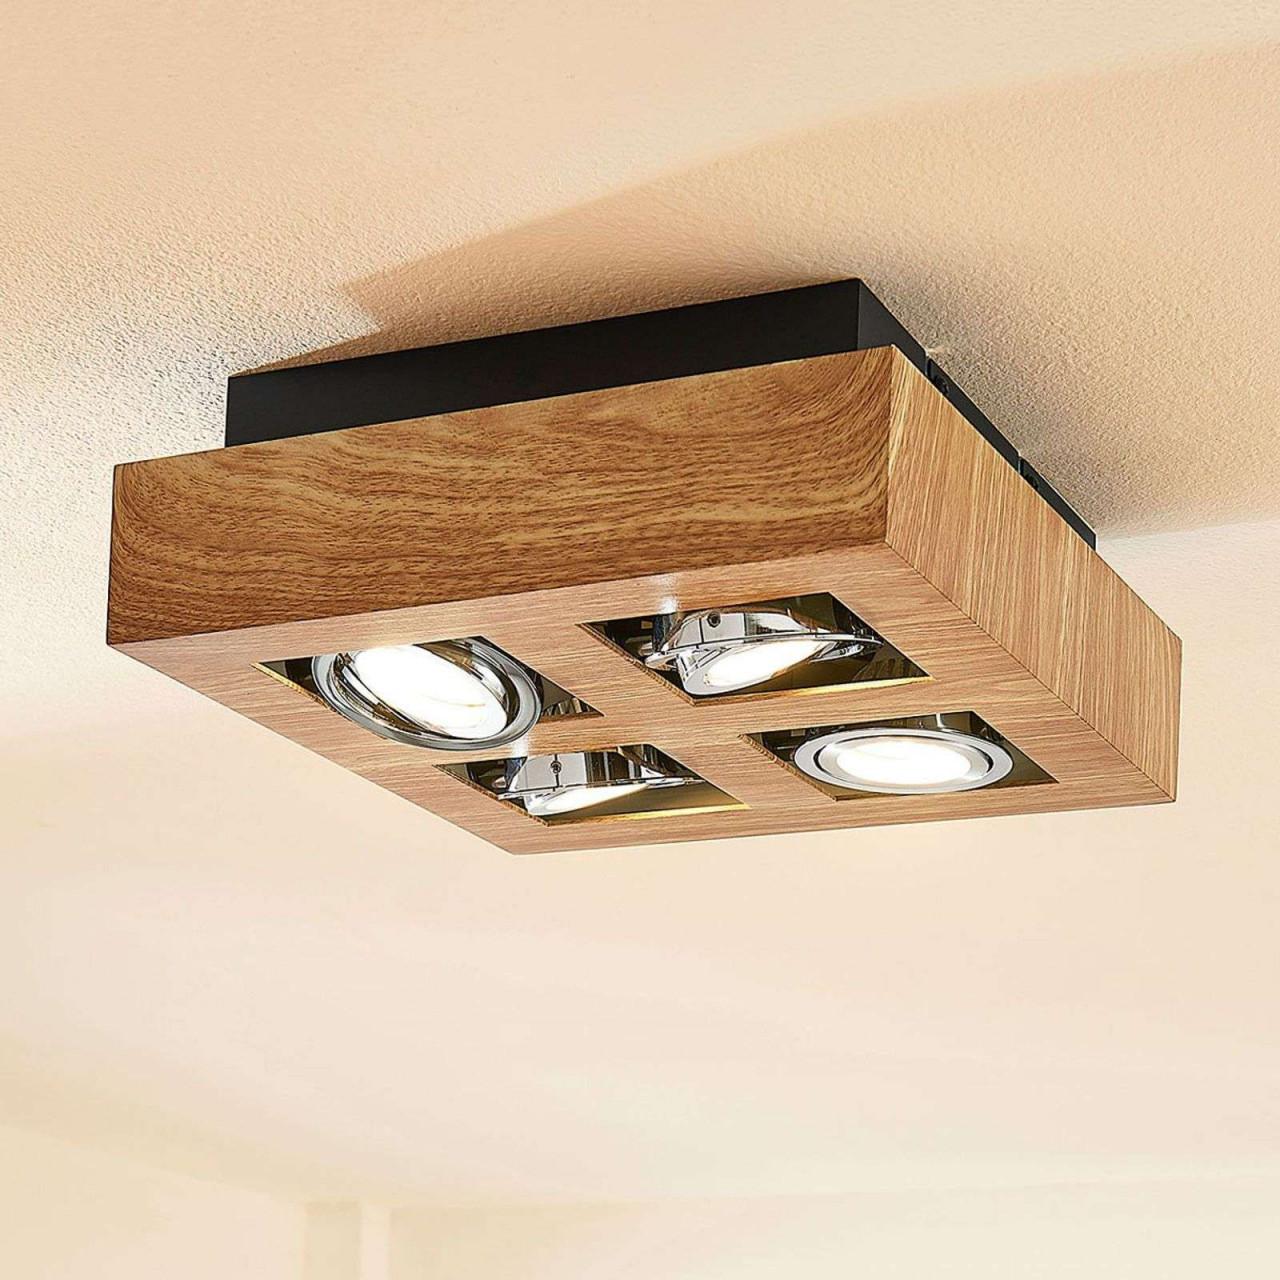 Led Plafondlamp Vince 25X25Cm In Houtoptiek Van Lampenwelt von Deckenlampe Wohnzimmer Groß Photo